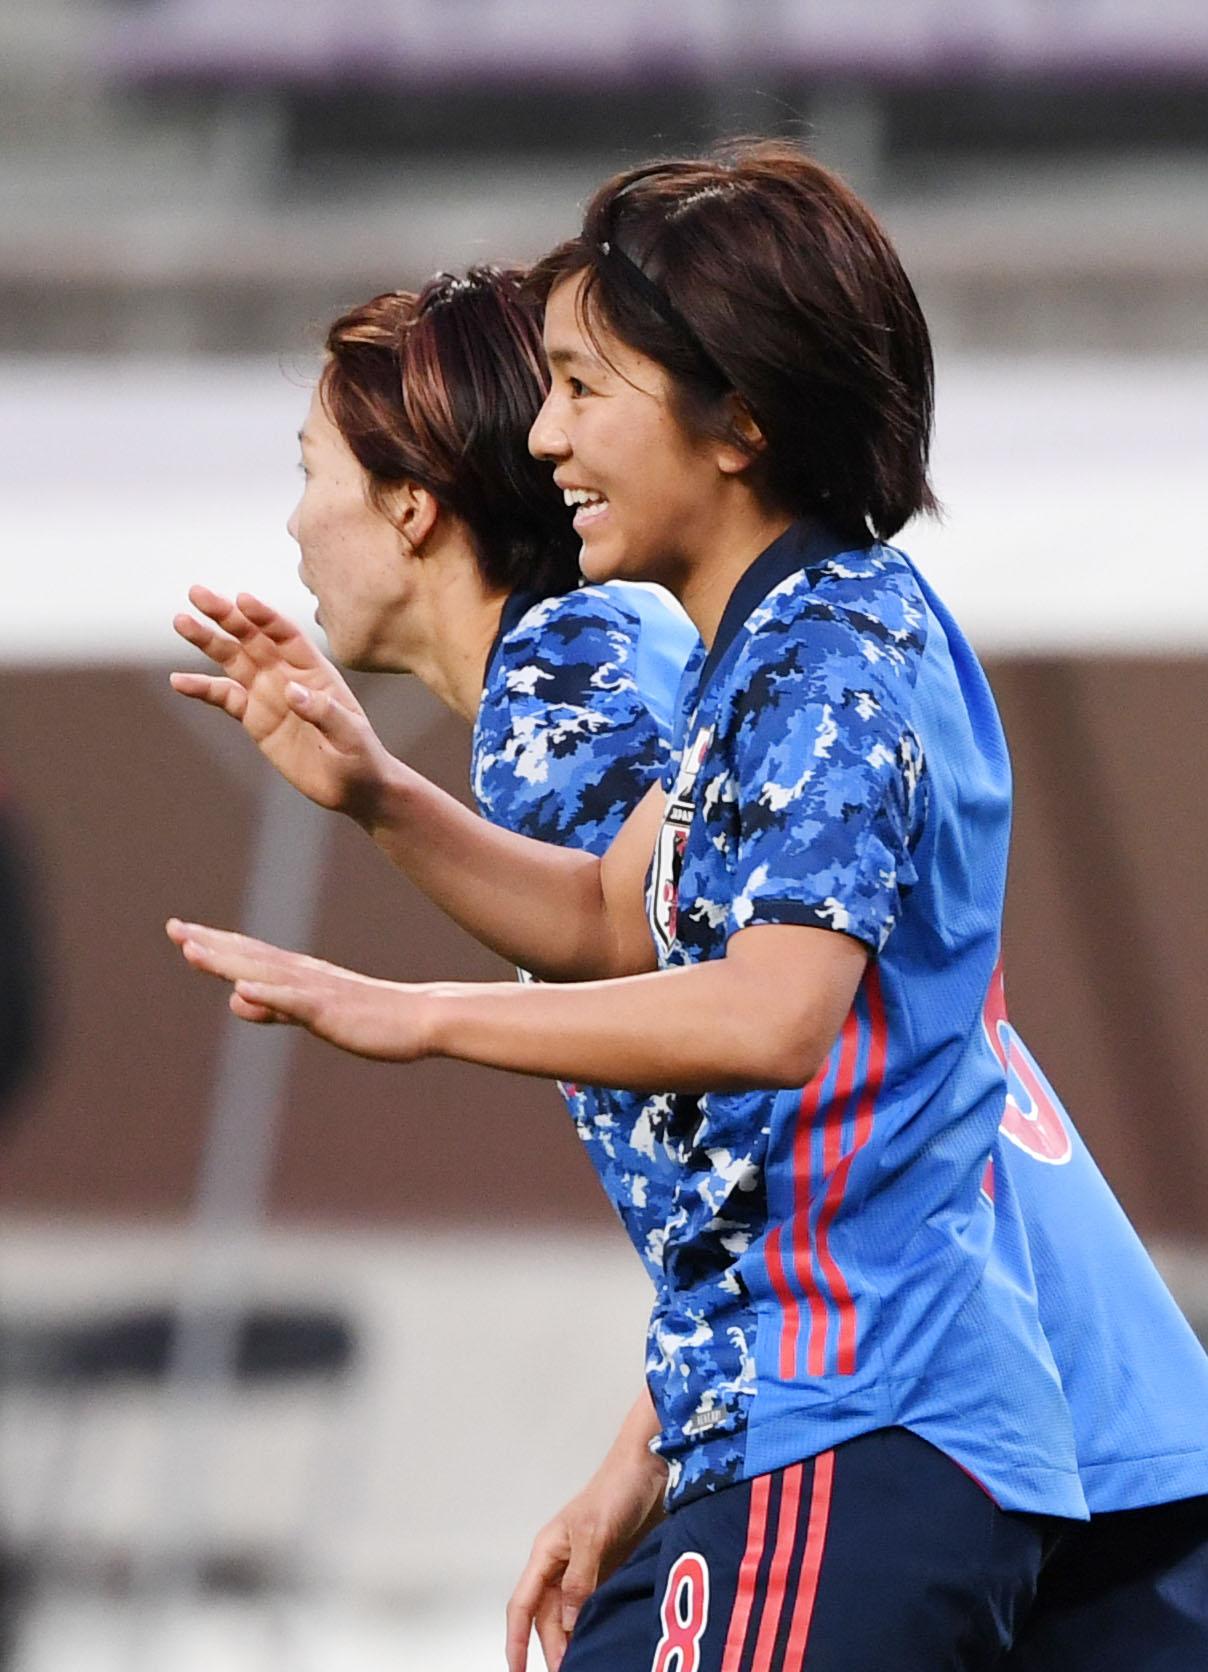 日本対パラグアイ 後半、ゴールを決め笑顔を見せる岩渕(撮影・横山健太)